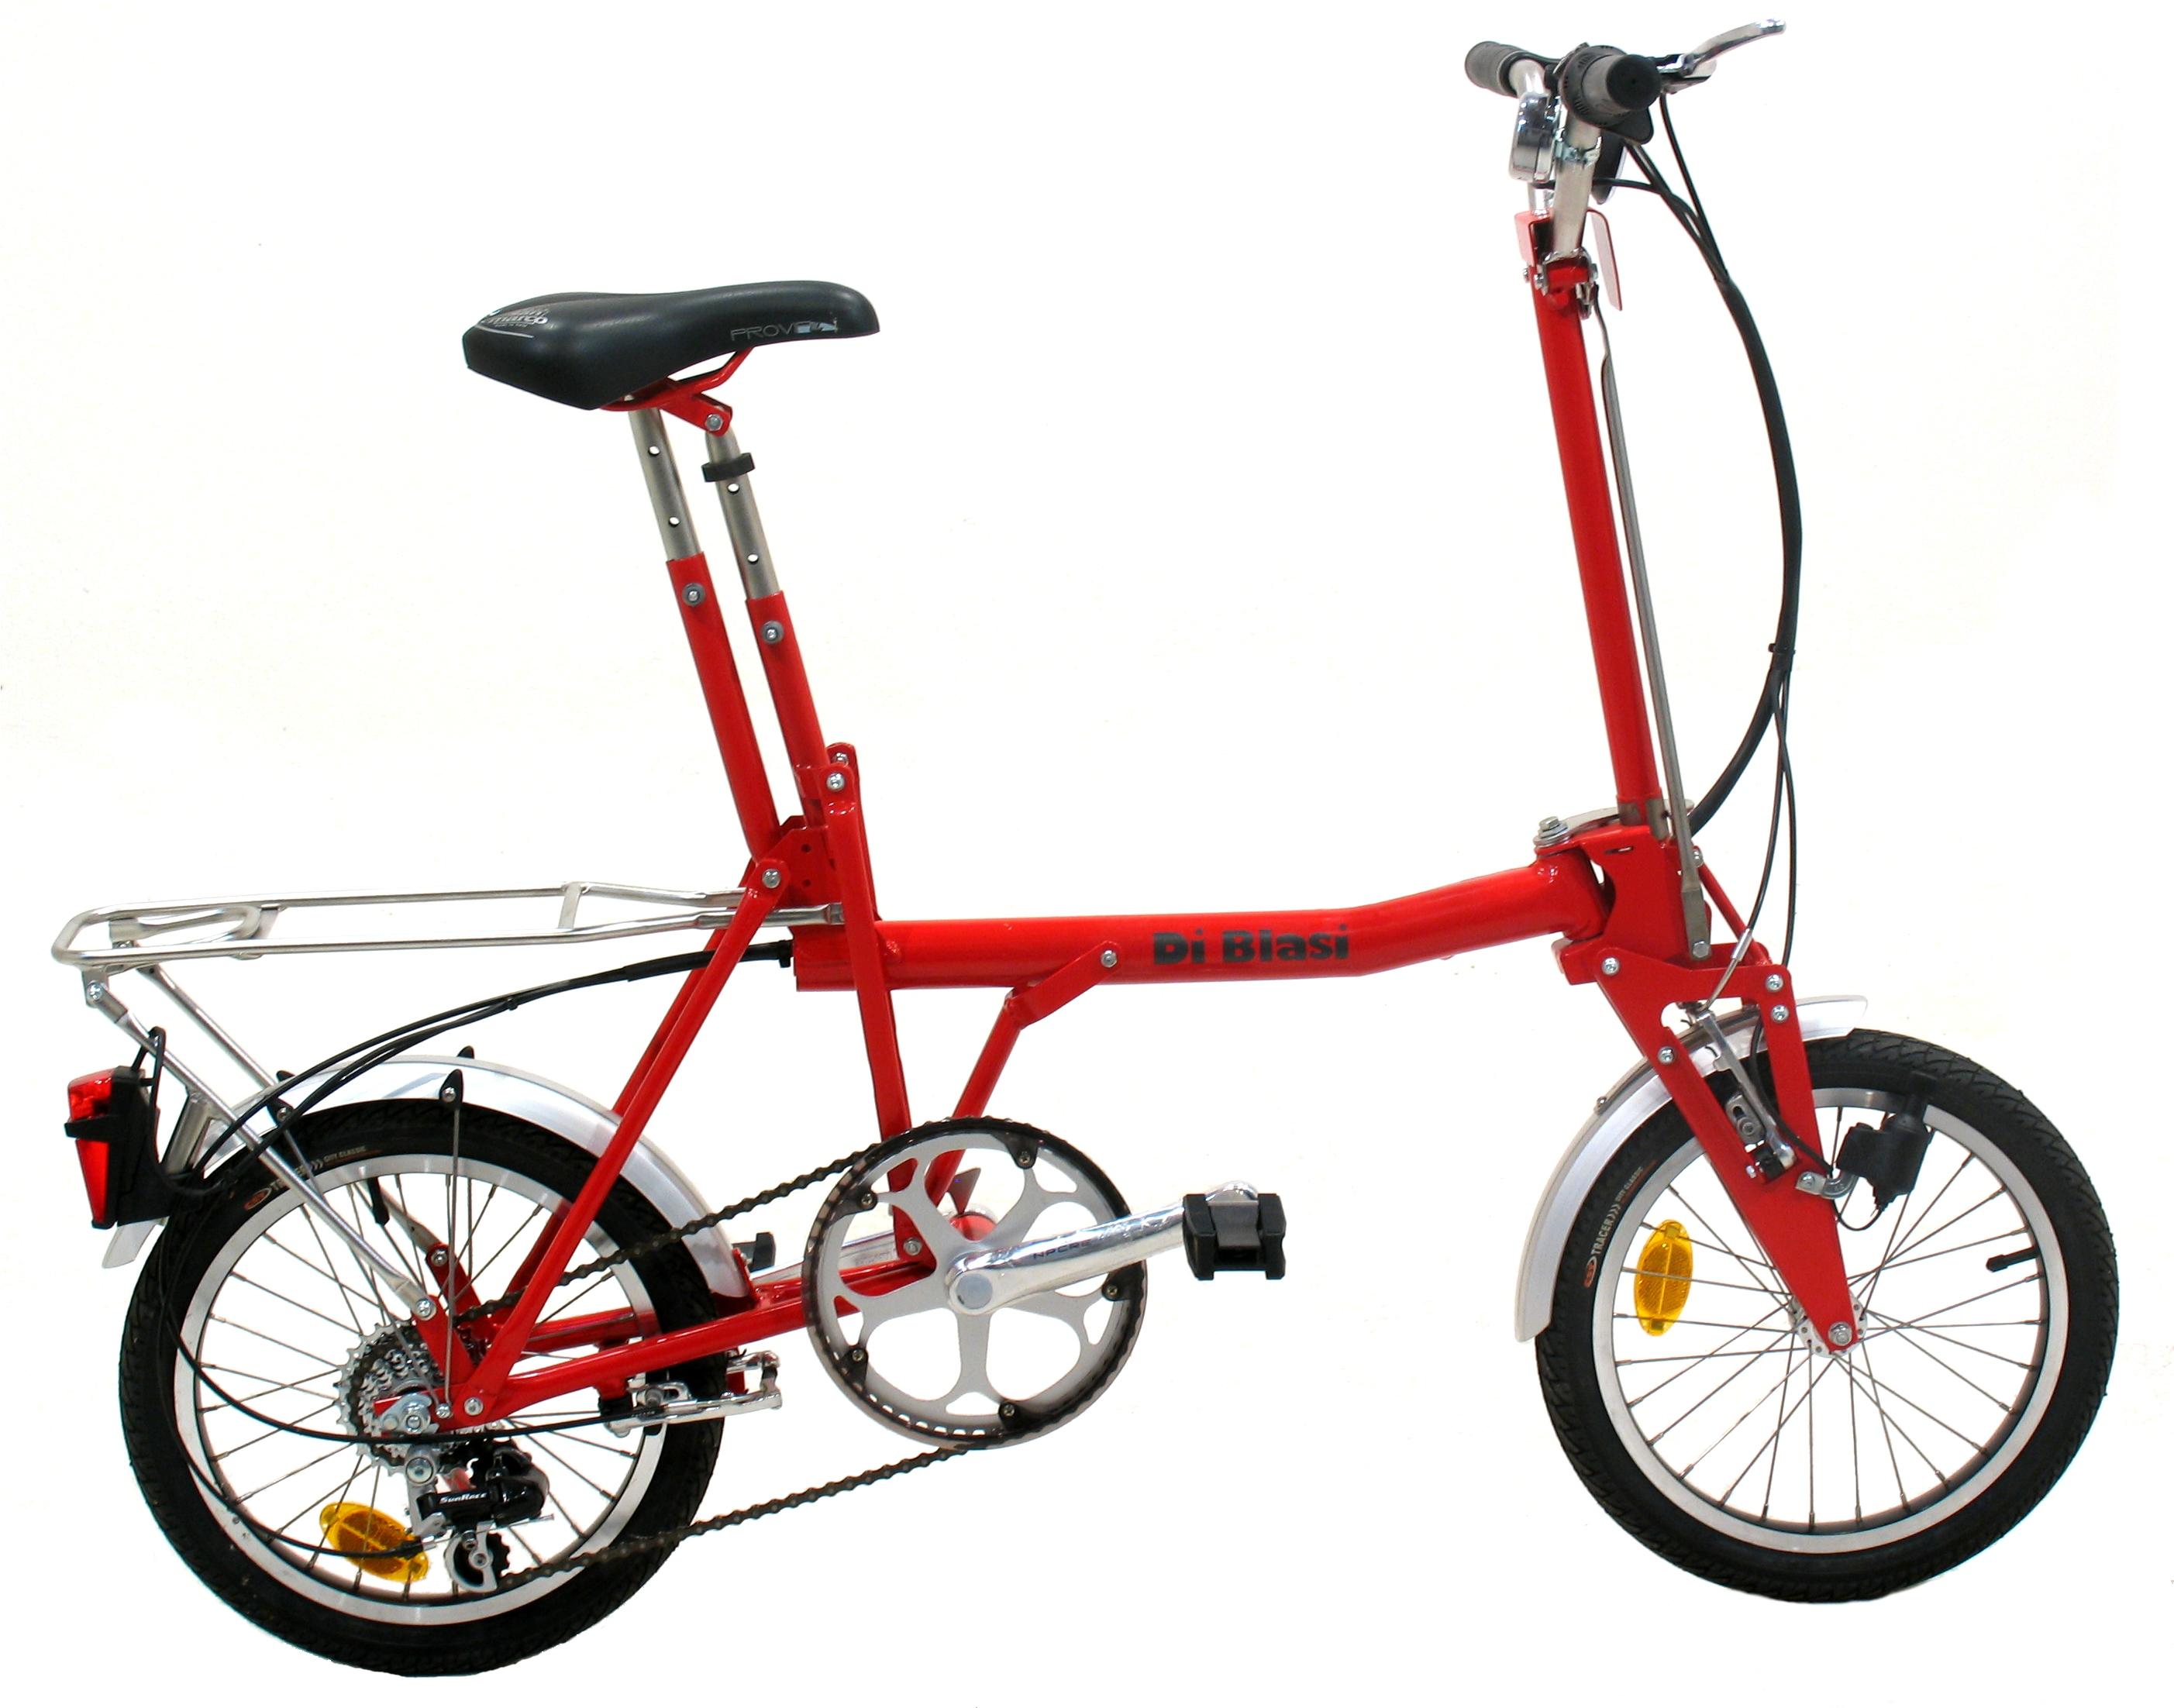 Bici Pieghevole Di Blasi.Free Download Bicicletta Pieghevole Di Blasi Mod R24 Vintage